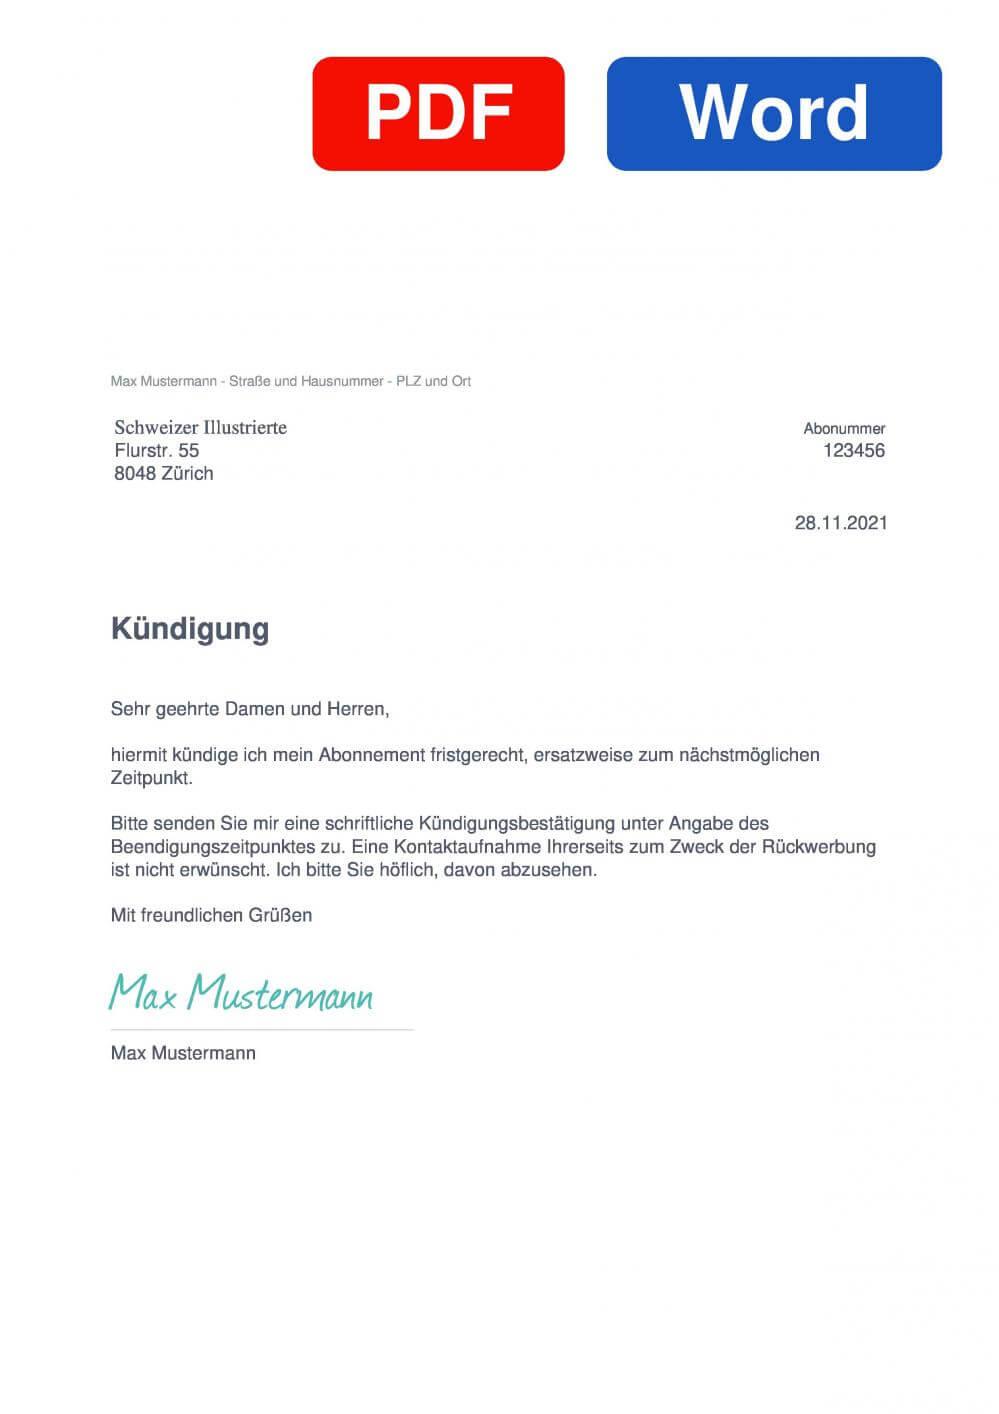 Schweizer Illustrierte Muster Vorlage für Kündigungsschreiben